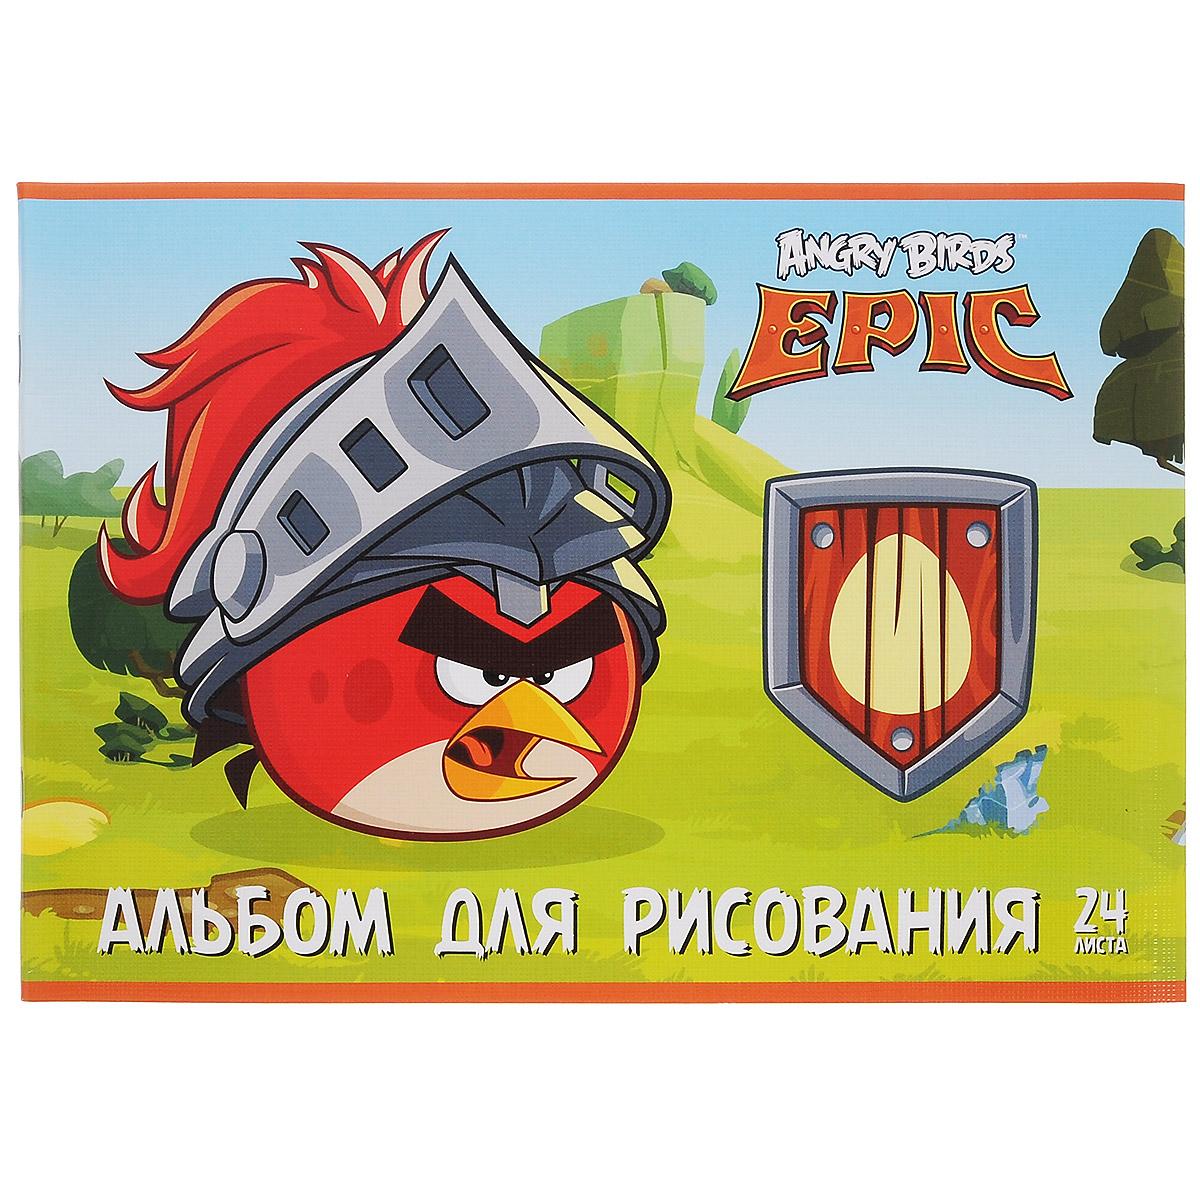 Альбом для рисования Angry Birds Epic Рыцарь, 24 листа24А4тB_13187Альбом для рисования Angry Birds с ярким изображением любимого мультипликационного героя на обложке будет радовать и вдохновлять юных художников на творческий процесс. Бумага альбома отличается высокой прочностью. Обложка выполнена из мелованного картона. Крепление - скрепки. Рисование позволяет развивать творческие способности, кроме того, это увлекательный досуг. Рекомендуемый возраст: 6+.